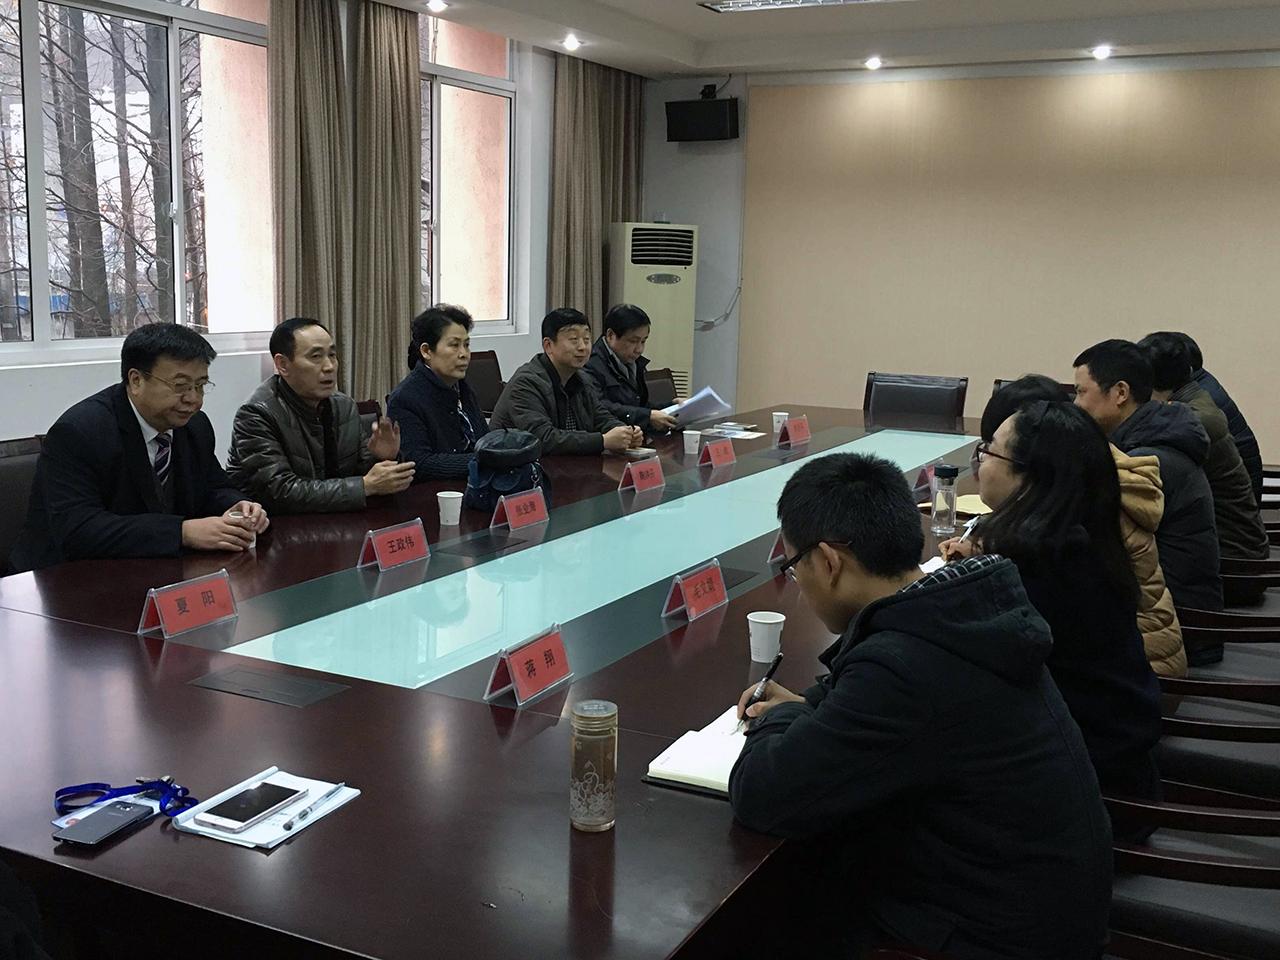 考察浙江省建设技师学院